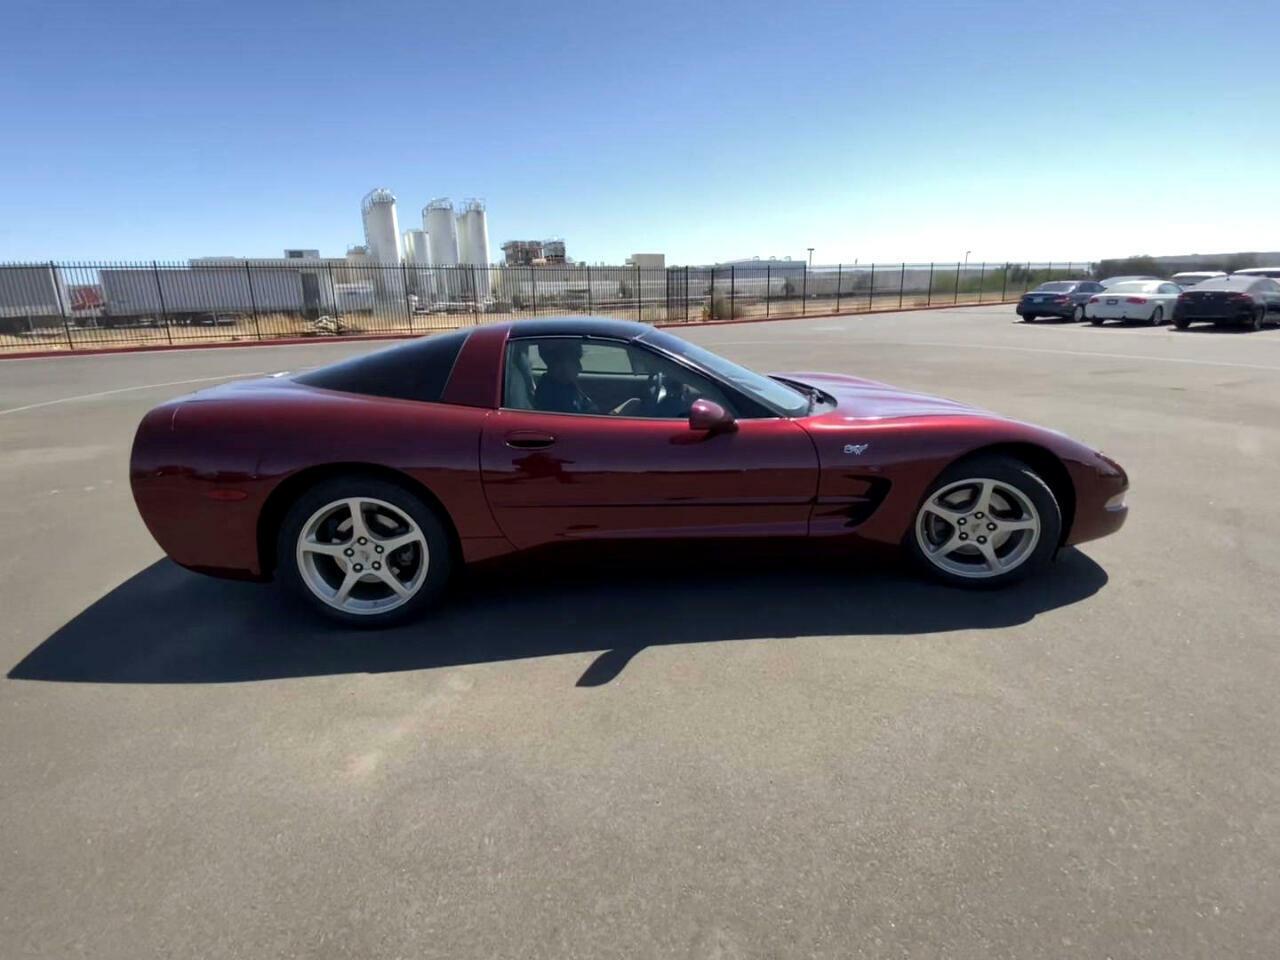 2003 Burgundy Chevrolet Corvette     C5 Corvette Photo 1